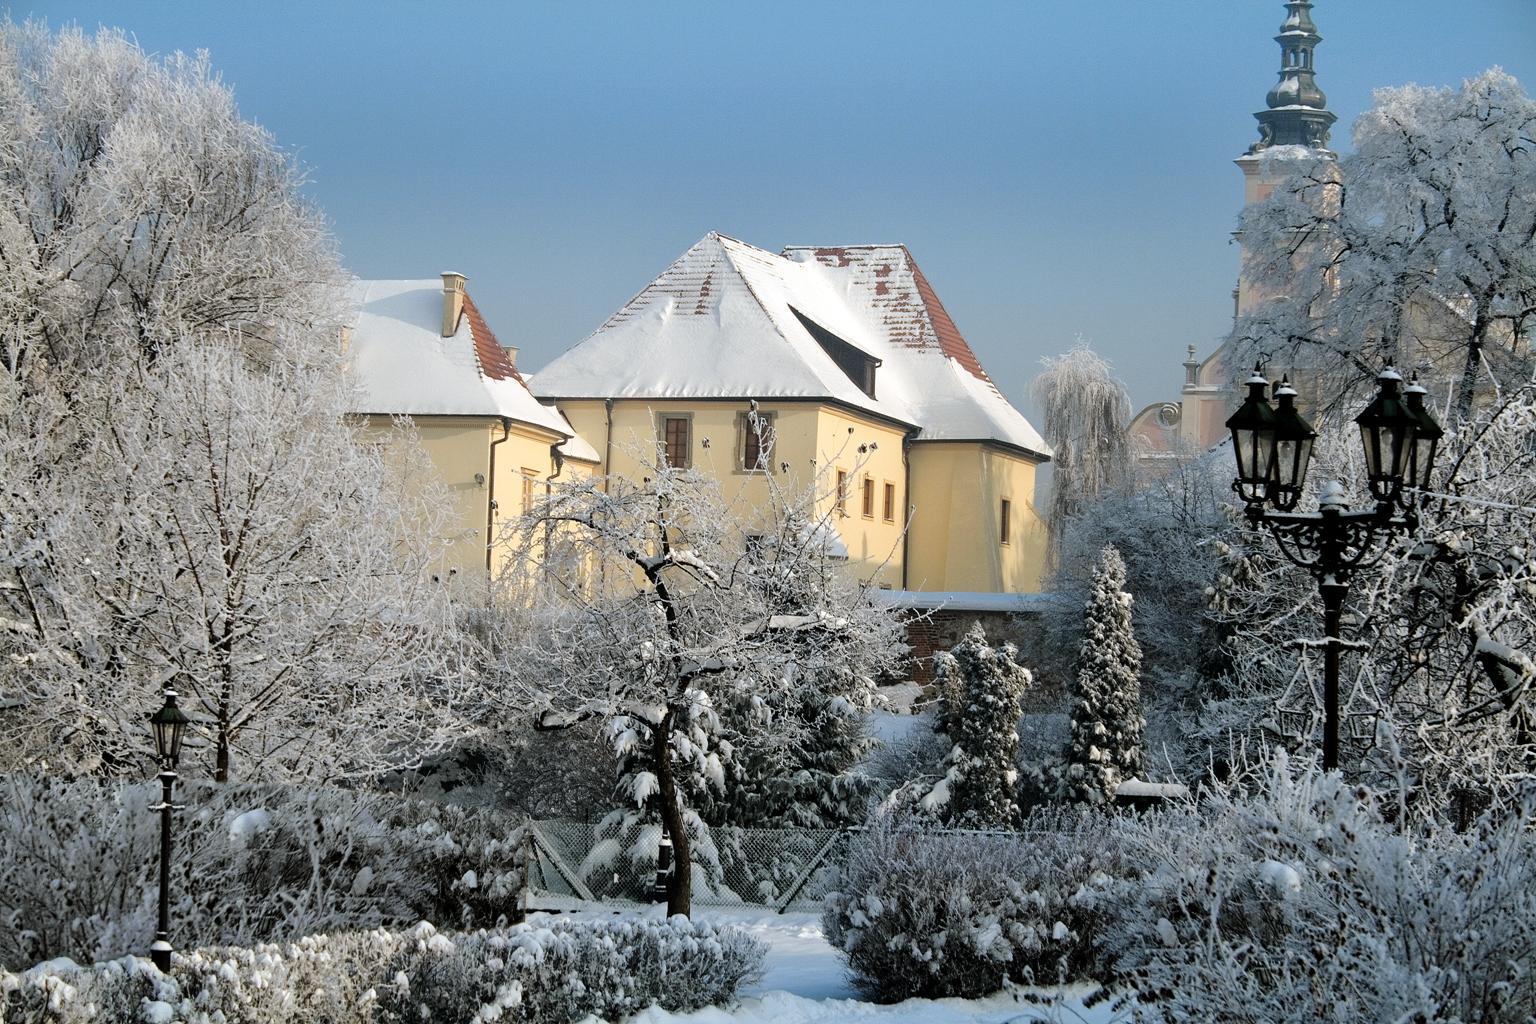 Zamek Żupny w Wieliczce zimą - fot. R. Sagan (fot nadesłana przez Organizatora)